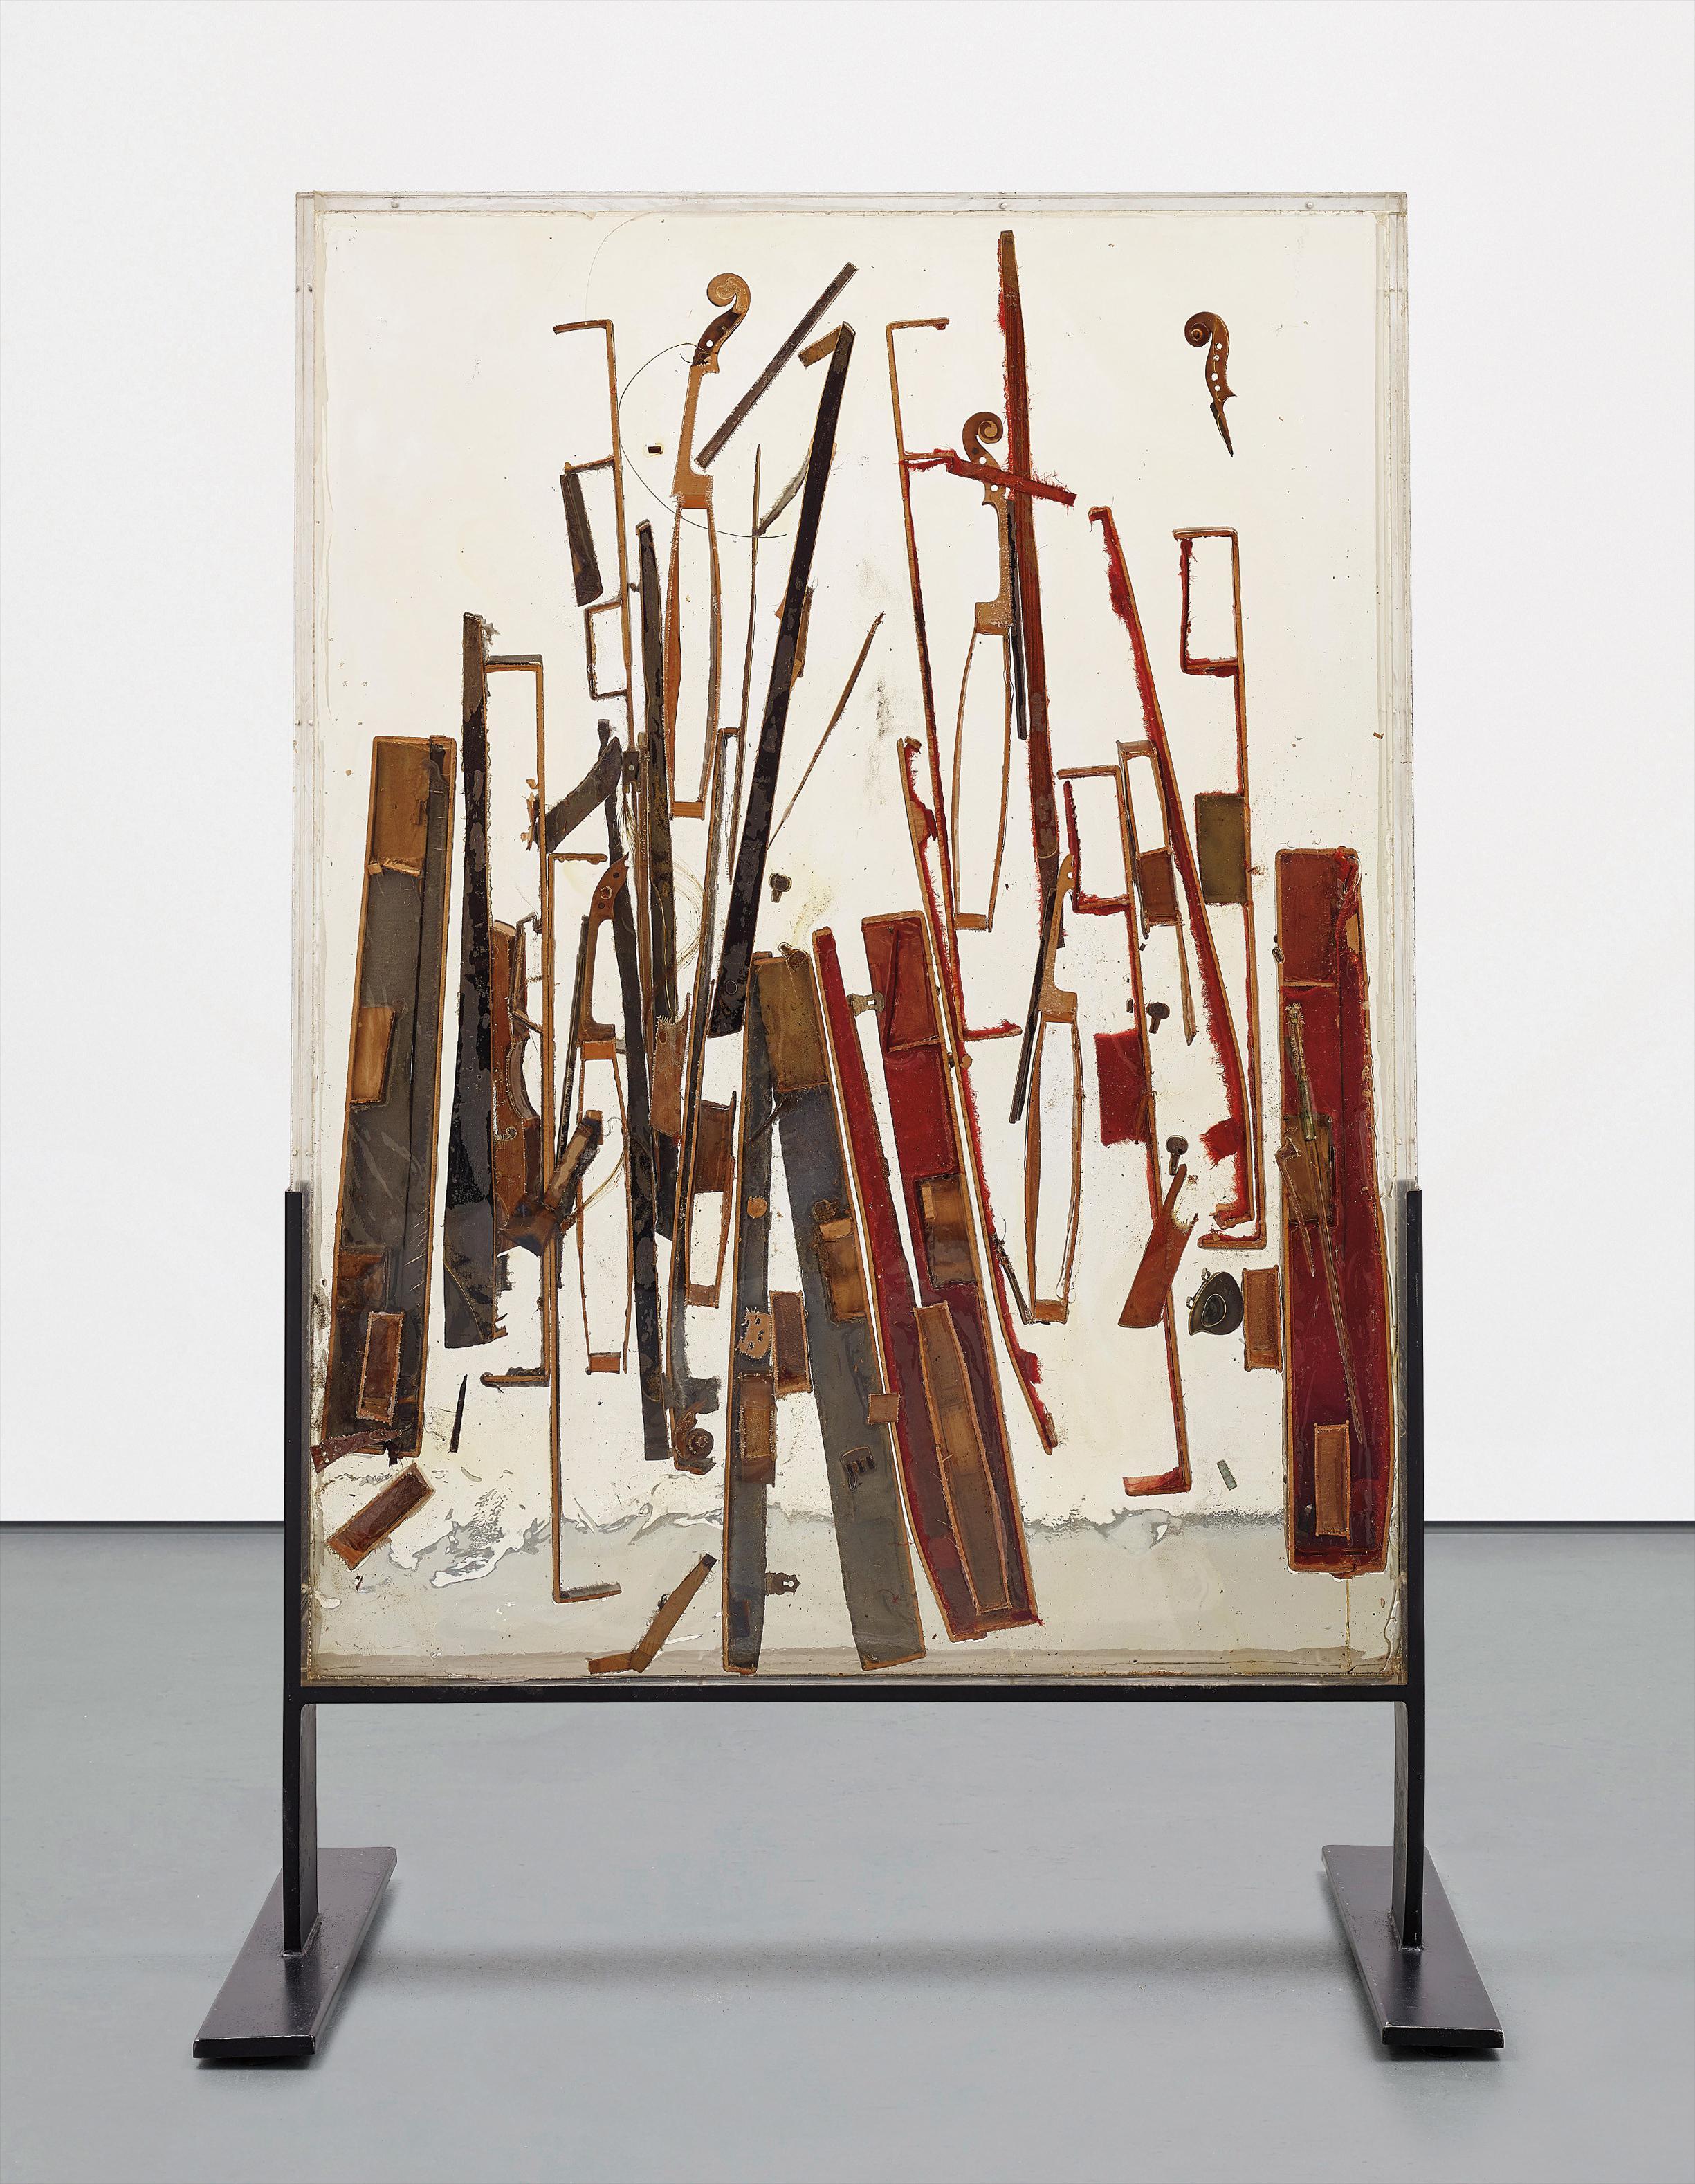 Arman-Untitled (Colere De Violons)-1970